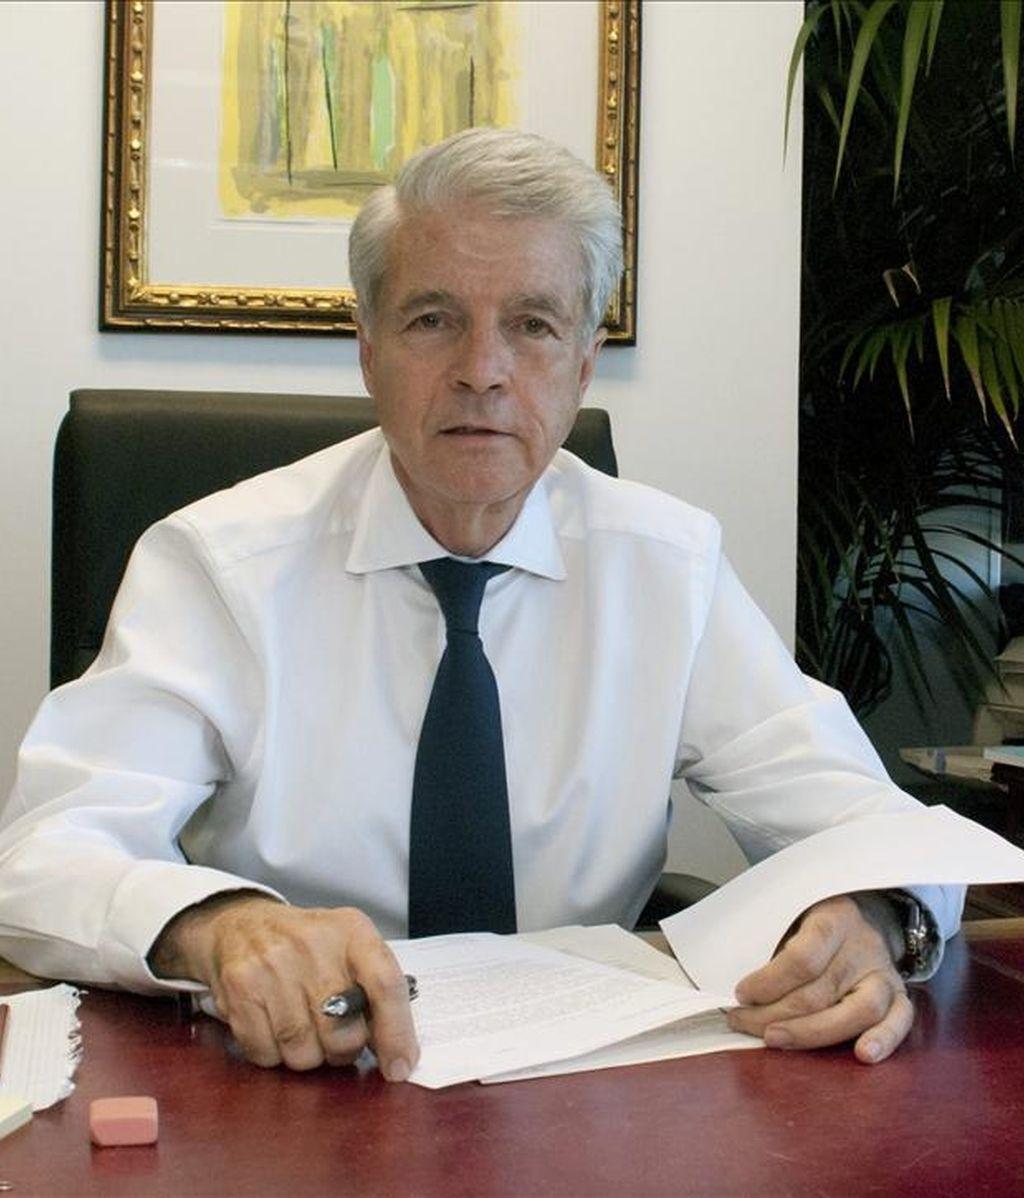 El representante diplomático enviado por España a Bengasi (Libia), José Riera, se incorpora hoy a su puesto en la principal ciudad controlada por los rebeldes, en el este del país, para reforzar la interlocución con el Consejo Nacional de Transición (CNT). EFE/Archivo